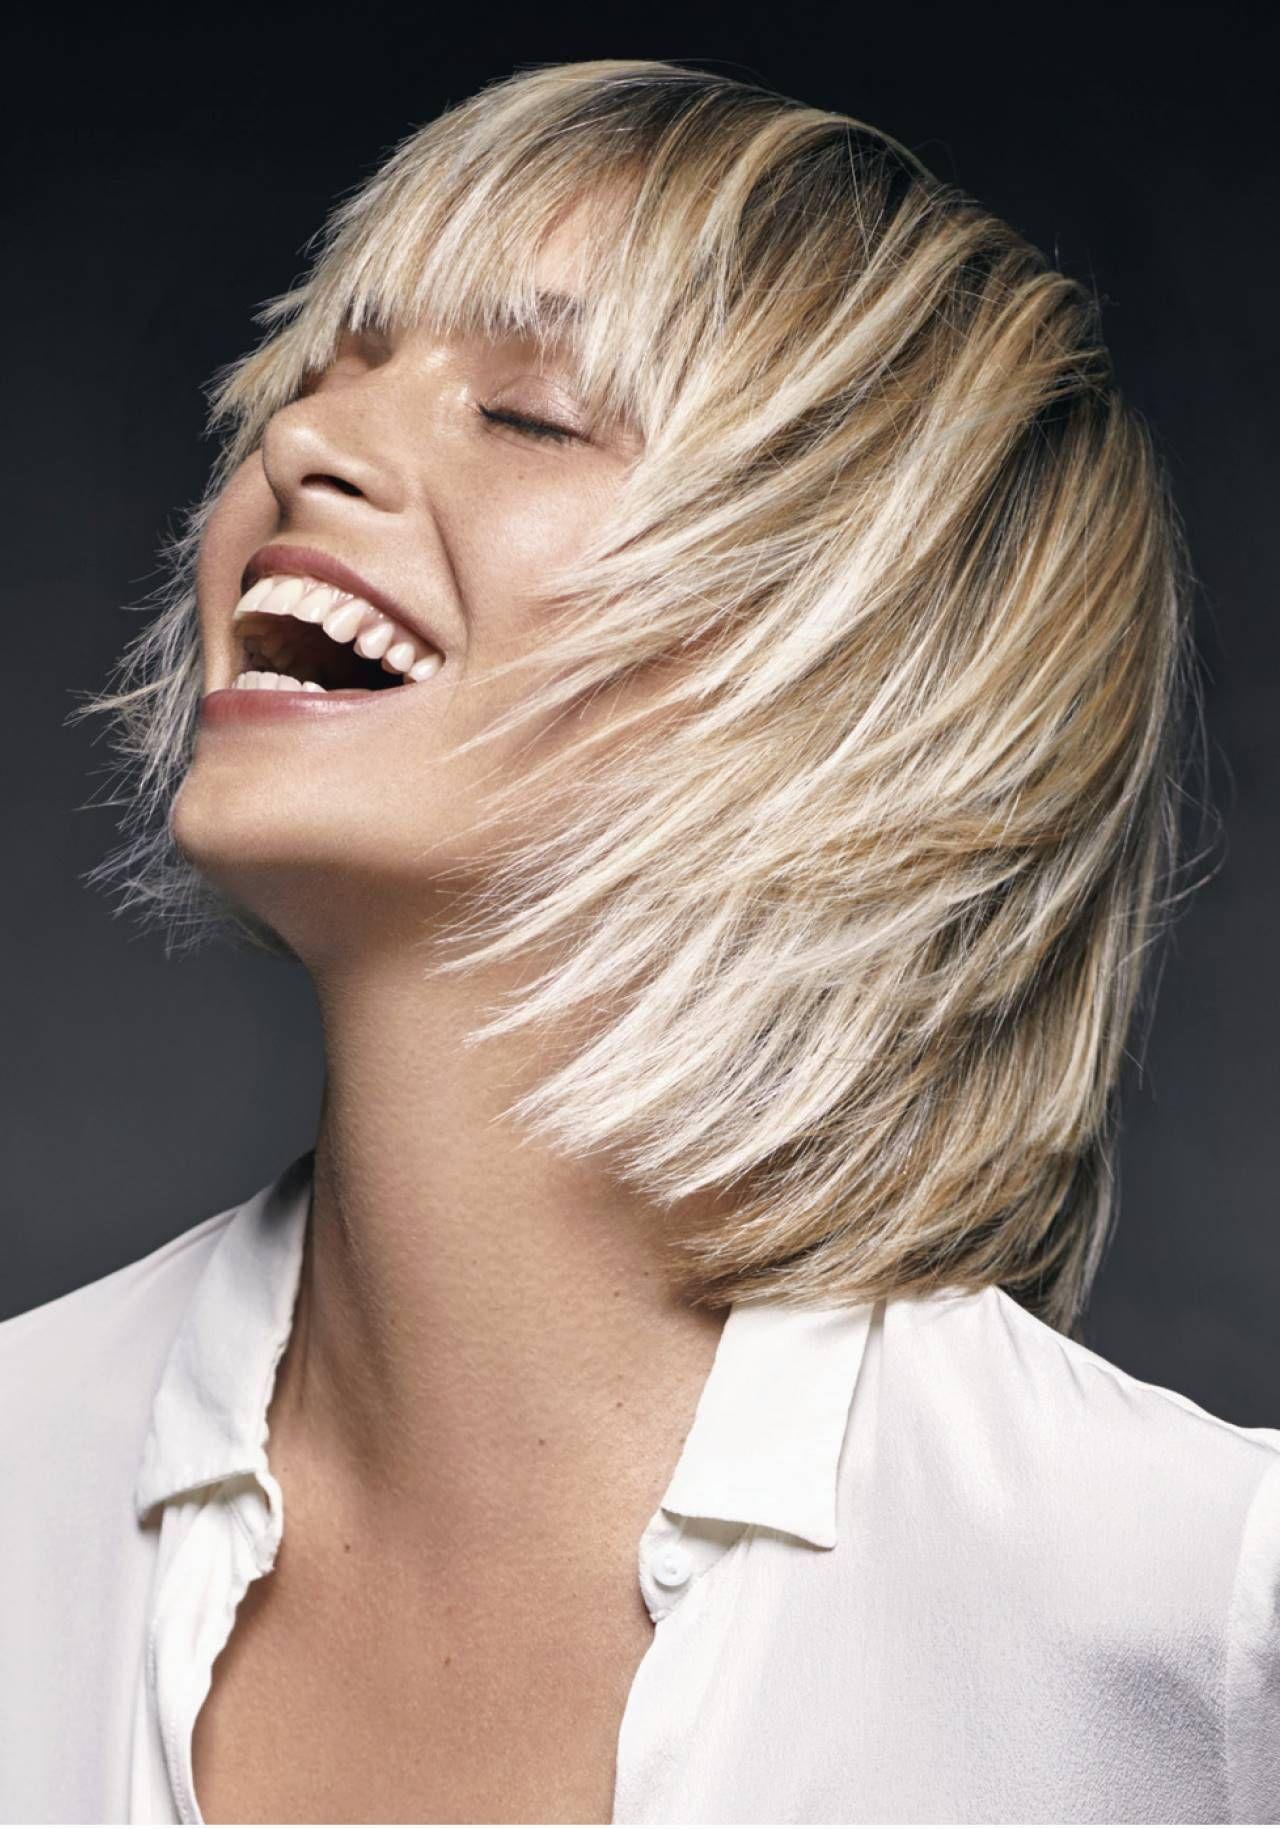 Bonito y sencillo peinados cortos 2021 Fotos de ideas de color de pelo - Tendencias De Cabello 2021 Mujer | FormatoAPA.com: Reglas ...